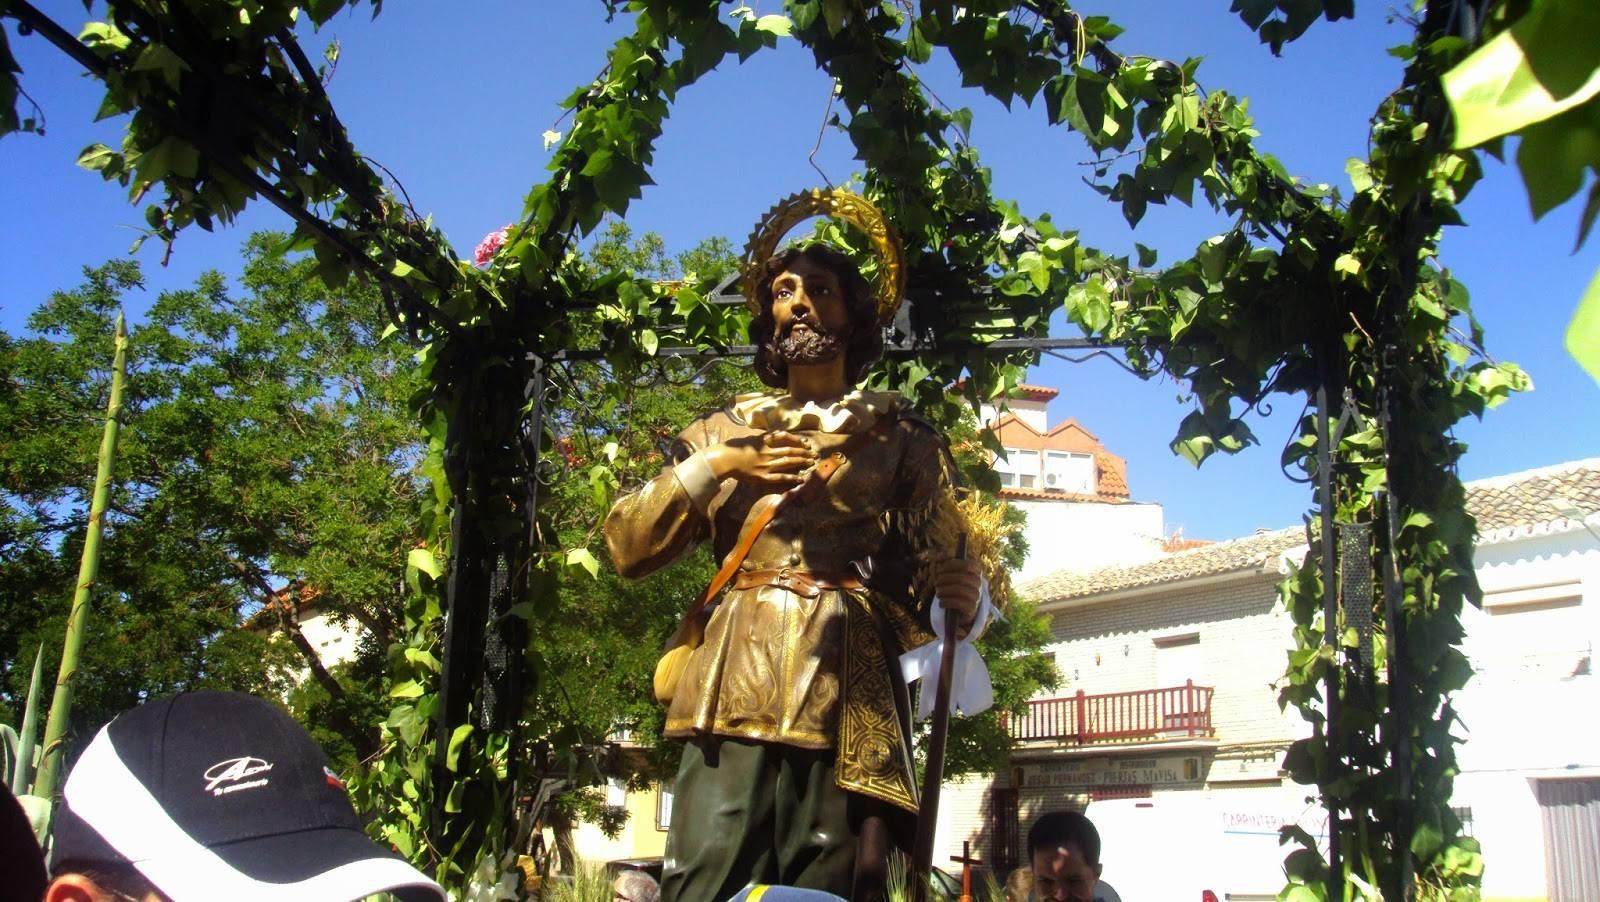 DSC07583 - Programa de actos para la romería de San Isidro